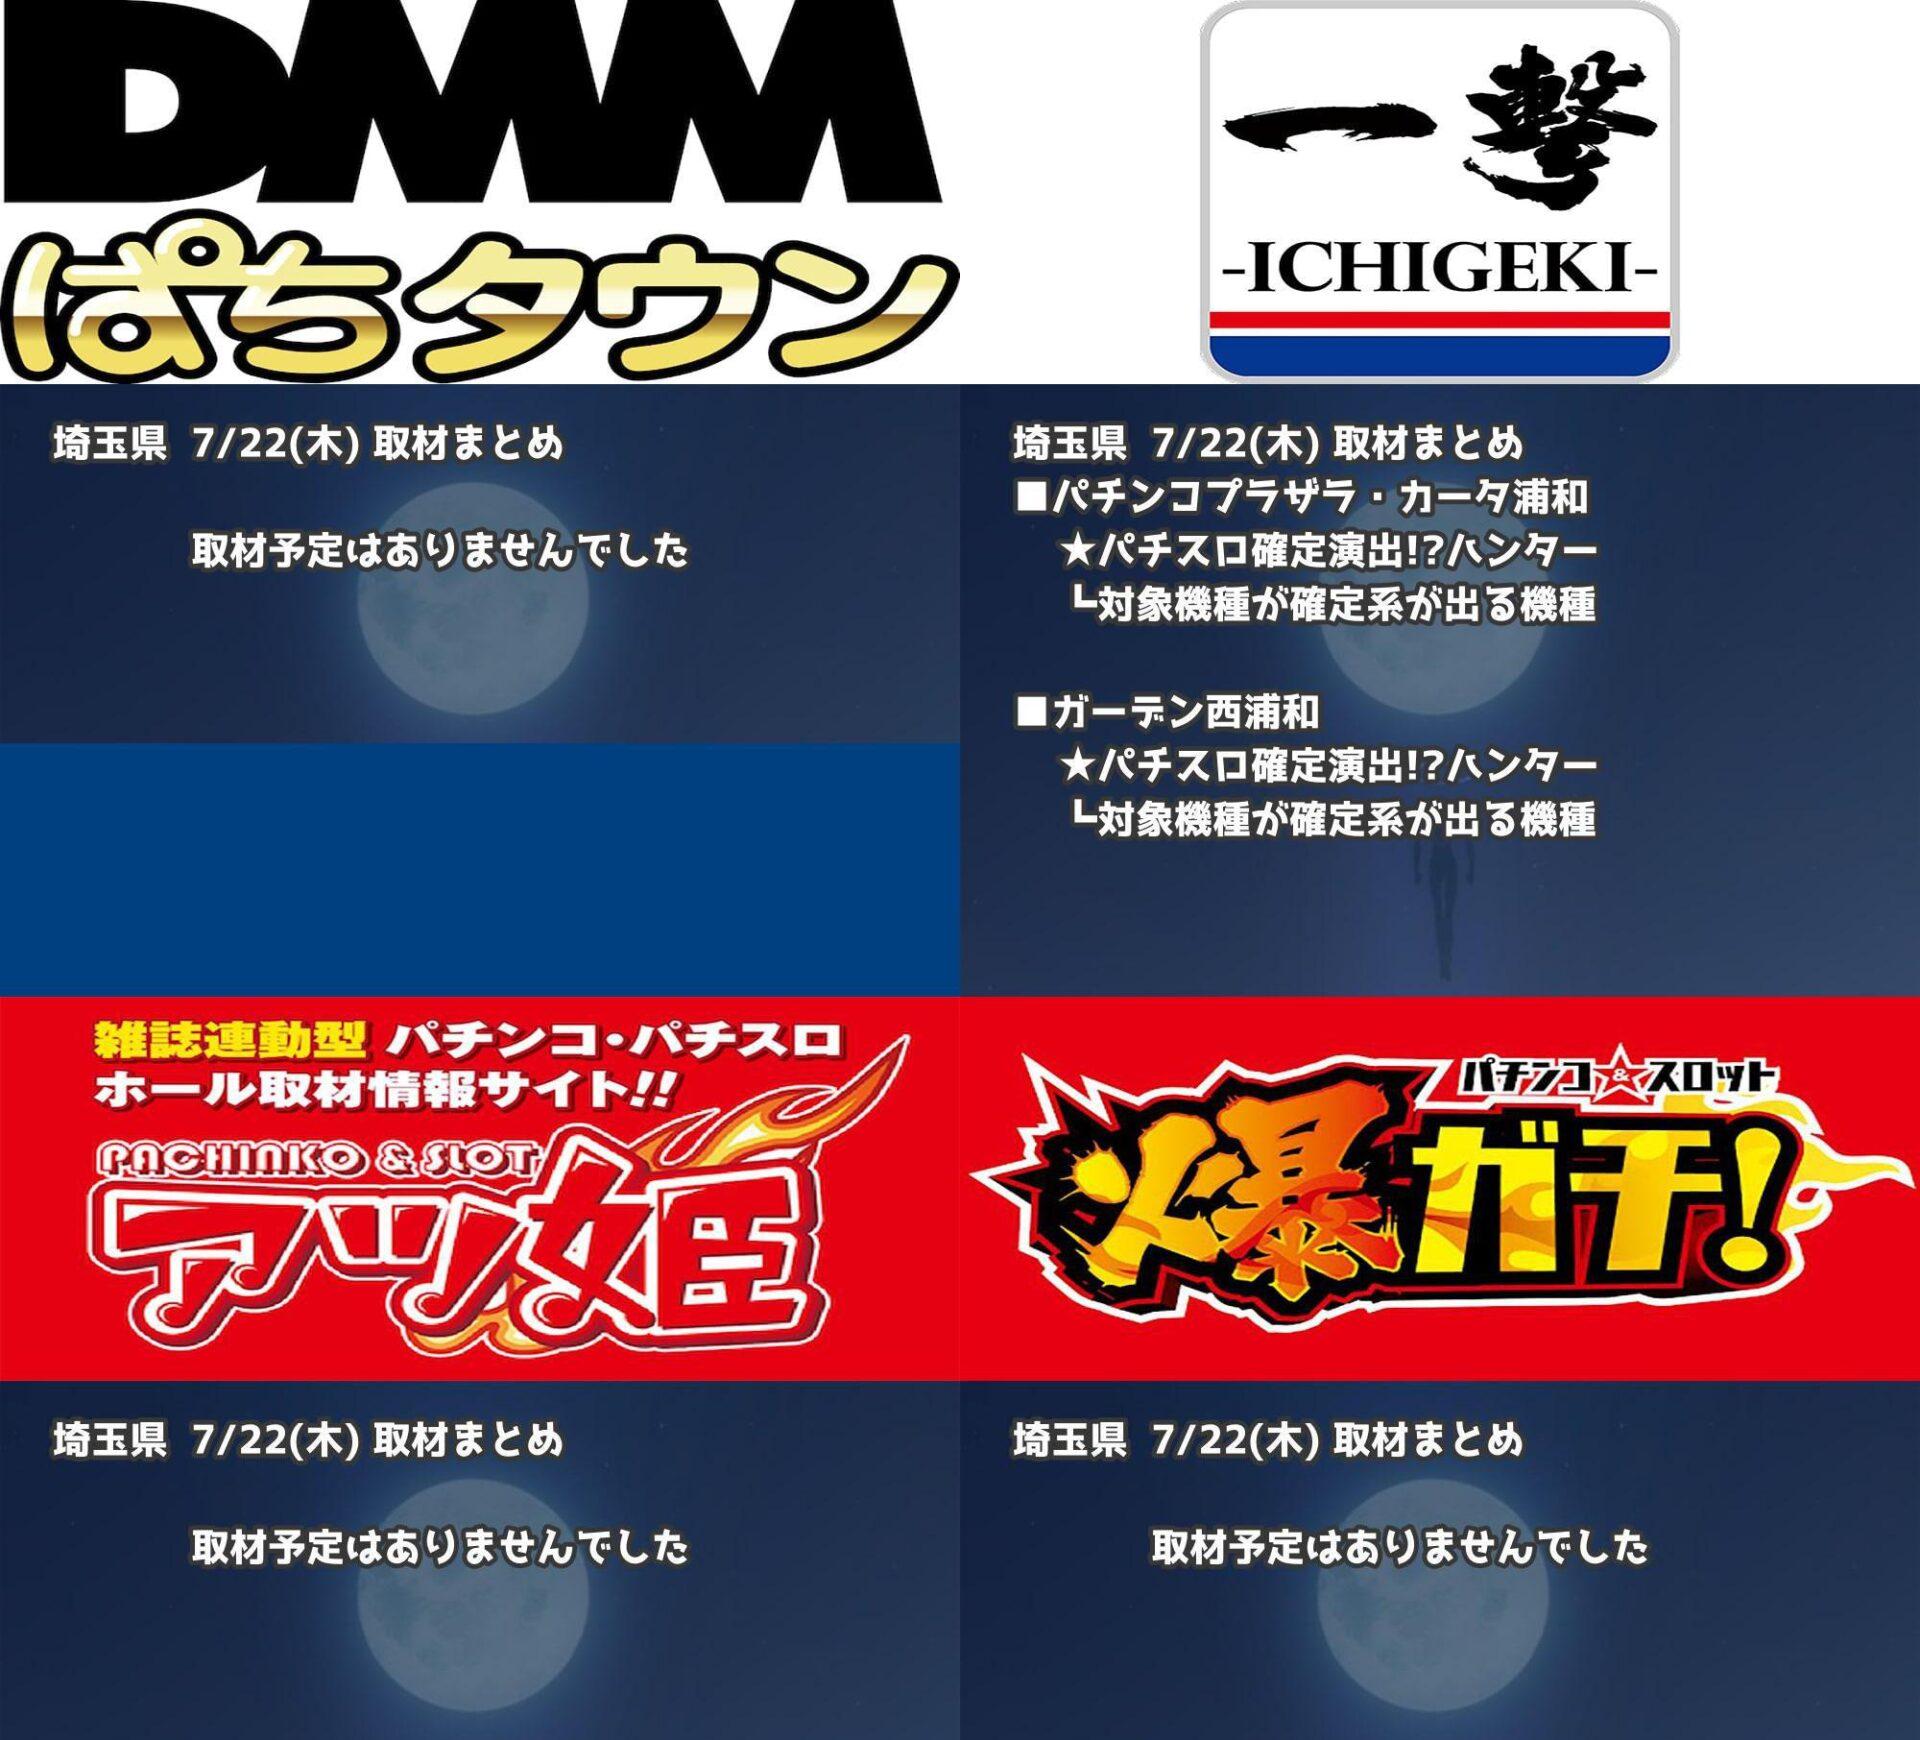 埼玉県_2021-07-22_パチンコ・パチスロ_イベント